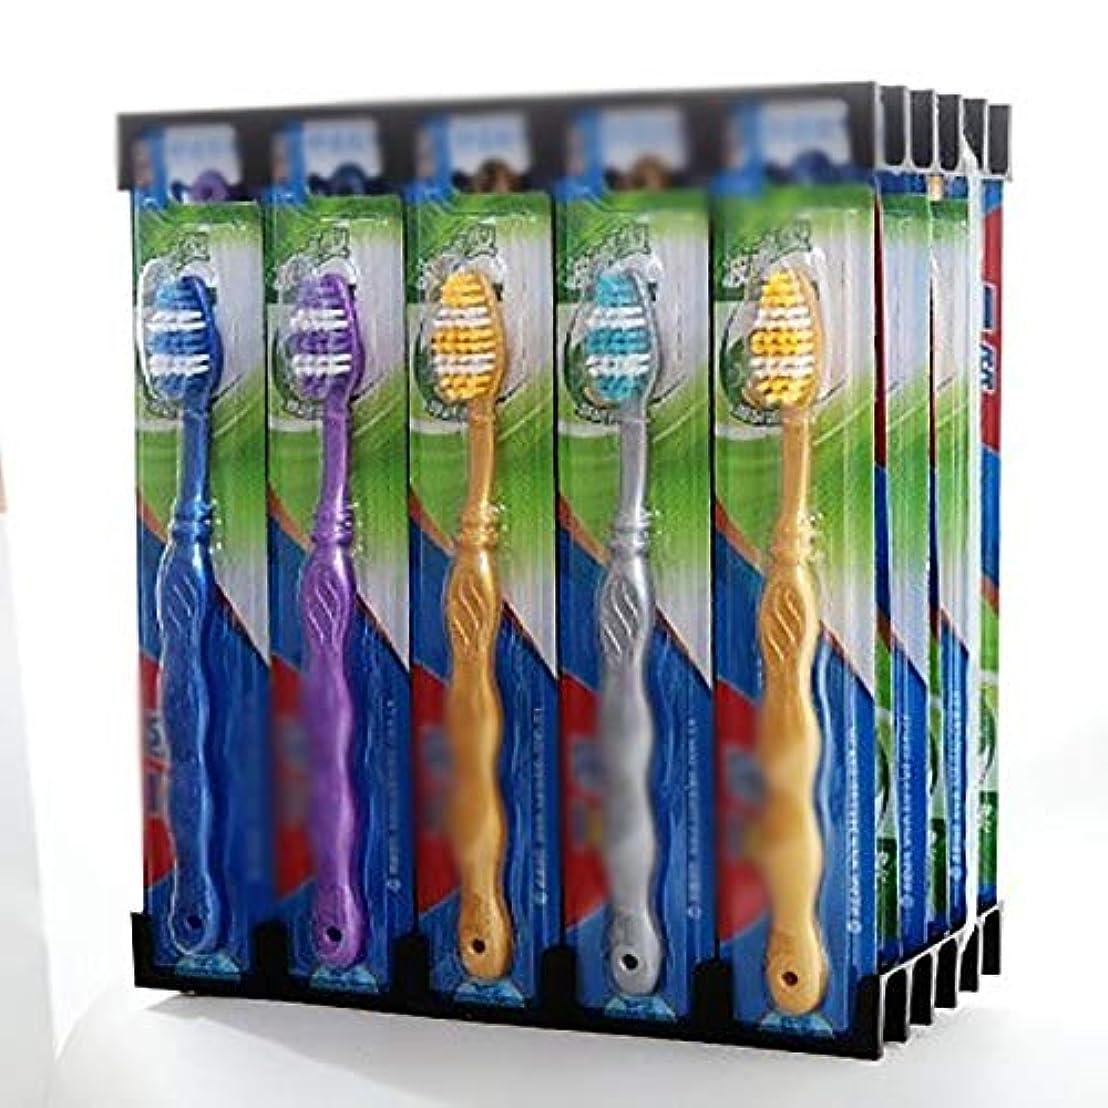 デンプシー申請中がっかりした歯ブラシ 使用可能なスタイルの3種類 - 30パックは、敏感な歯のために、超柔らかい歯ブラシの歯ブラシを一括します HL (色 : B, サイズ : 30 packs)